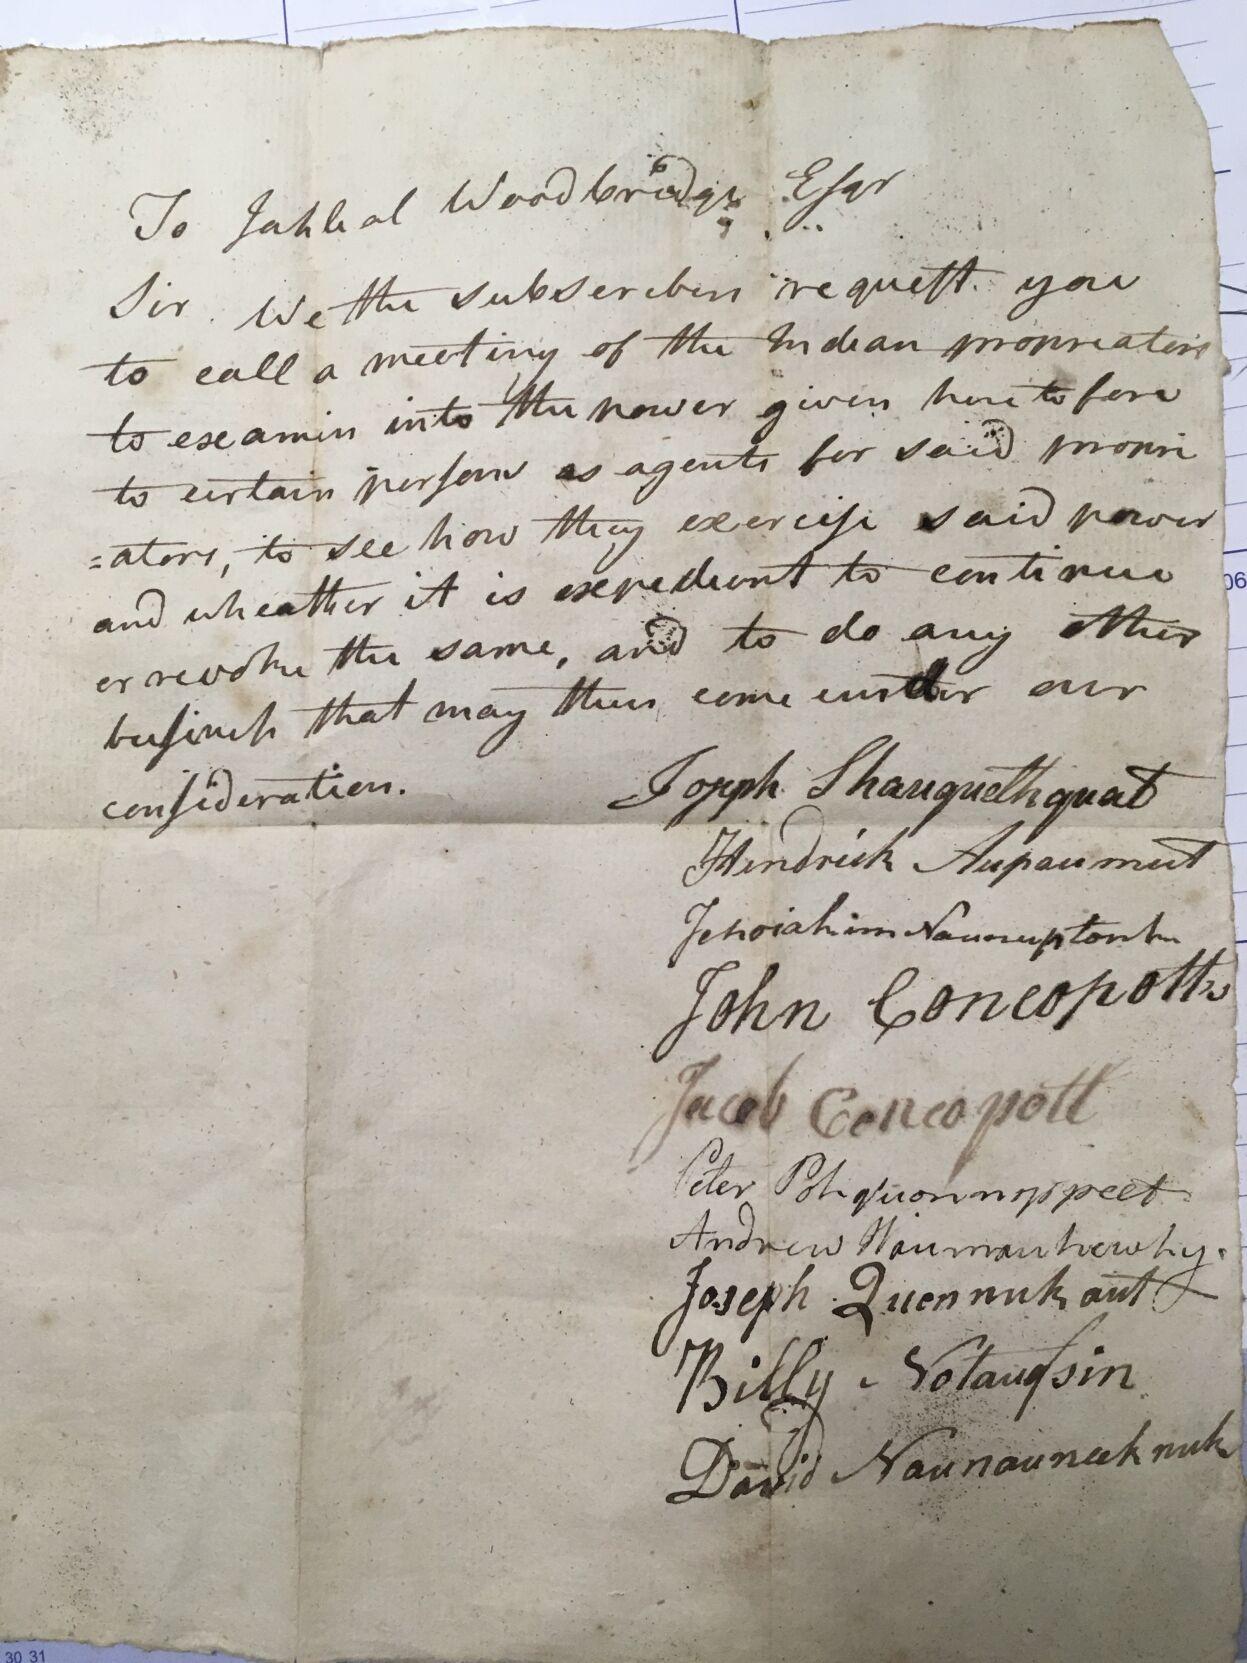 Stockbridge letter